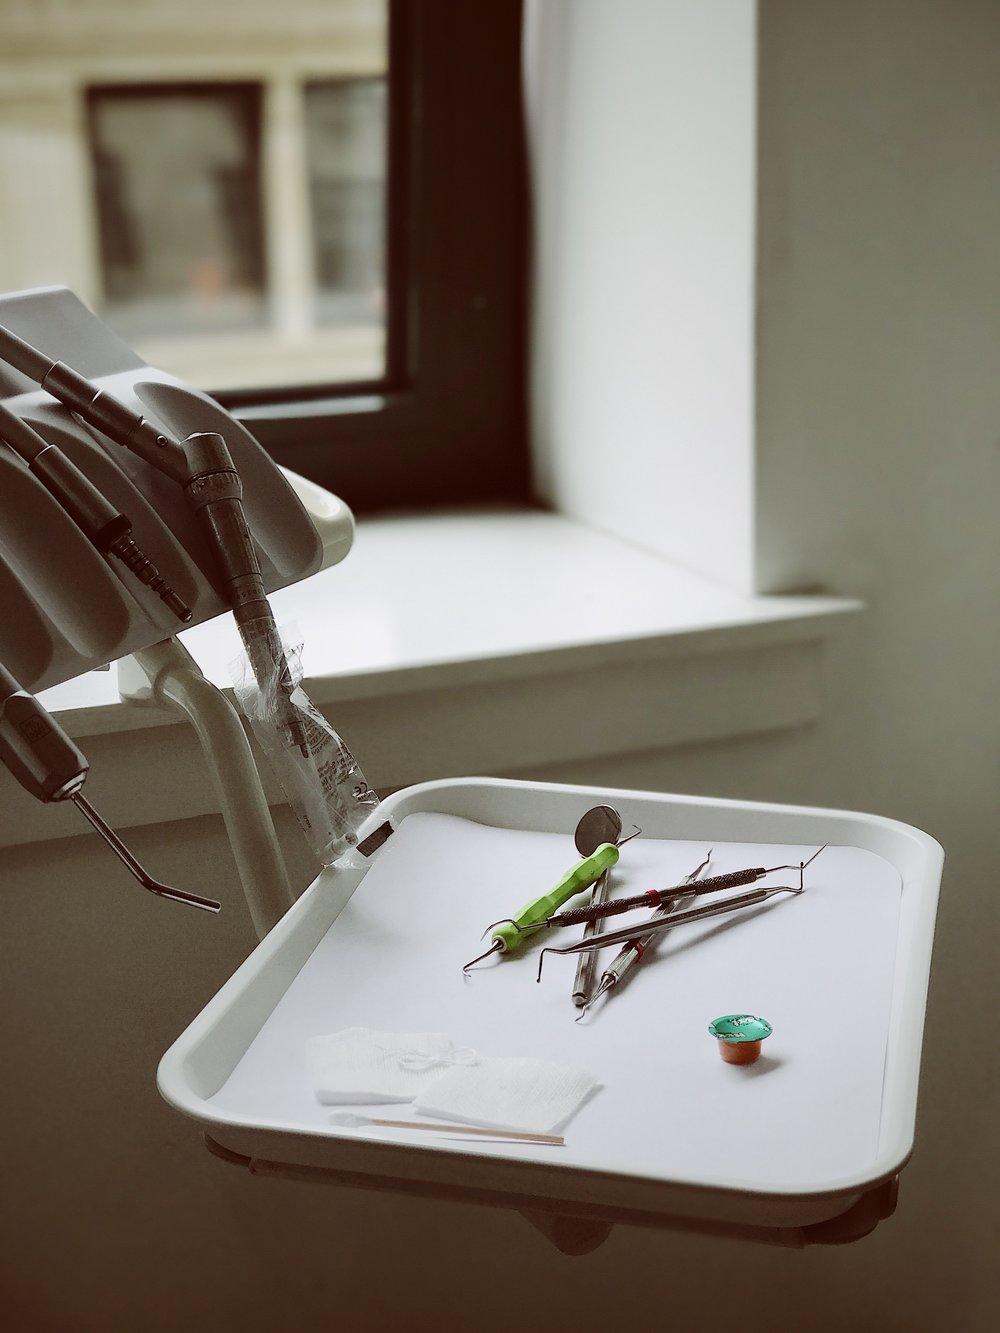 Noví doktoři - Denně se ve Vimperku potýkámes nedostatkem zubařů i lékařů jiných profesí. Termíny místních specializovaných ordinací jsou plné, klidně i na půl roku dopředu.Jiná města nabízejí mladým lékařům zázemí pro kvalitní život. Jak důležité je pro nás zdraví našich dětí a blízkých, vám nemusíme vysvětlovat. Máme to všichni stejně. Tak jo! Naše společná a hlavní priorita pro Vimperk je jasná.Budeme se snažit, aby do Vimperka přišli noví lékaři.